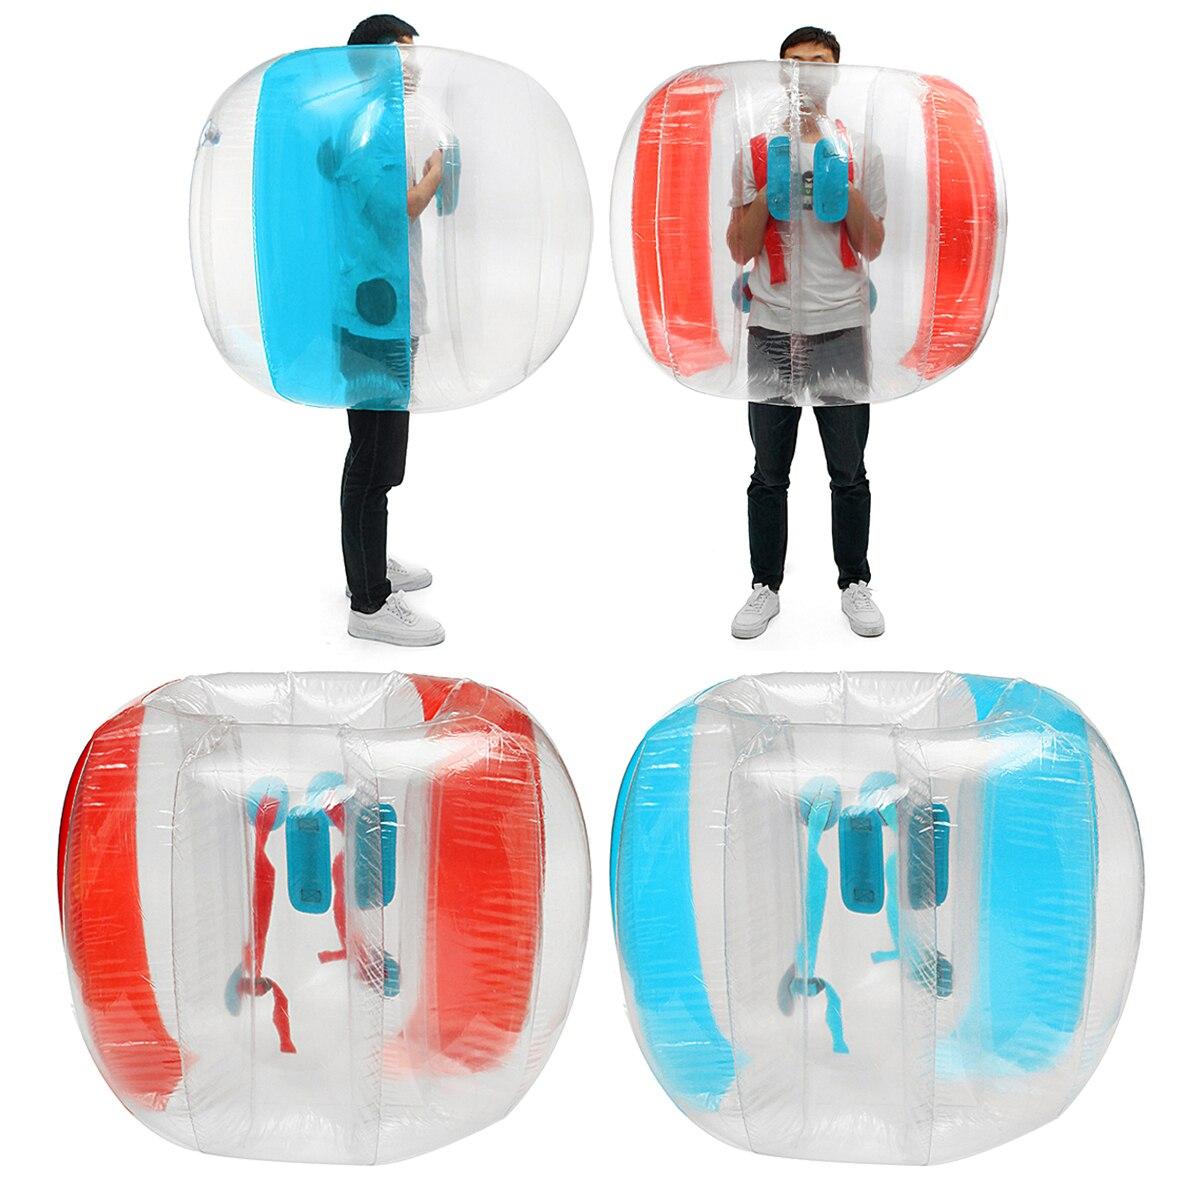 120 cm enfants gonflable balle pare-chocs Football Football en plein Air voyage parc jeu Air corps piscine corps Zorb bulle balle en plein Air jouets